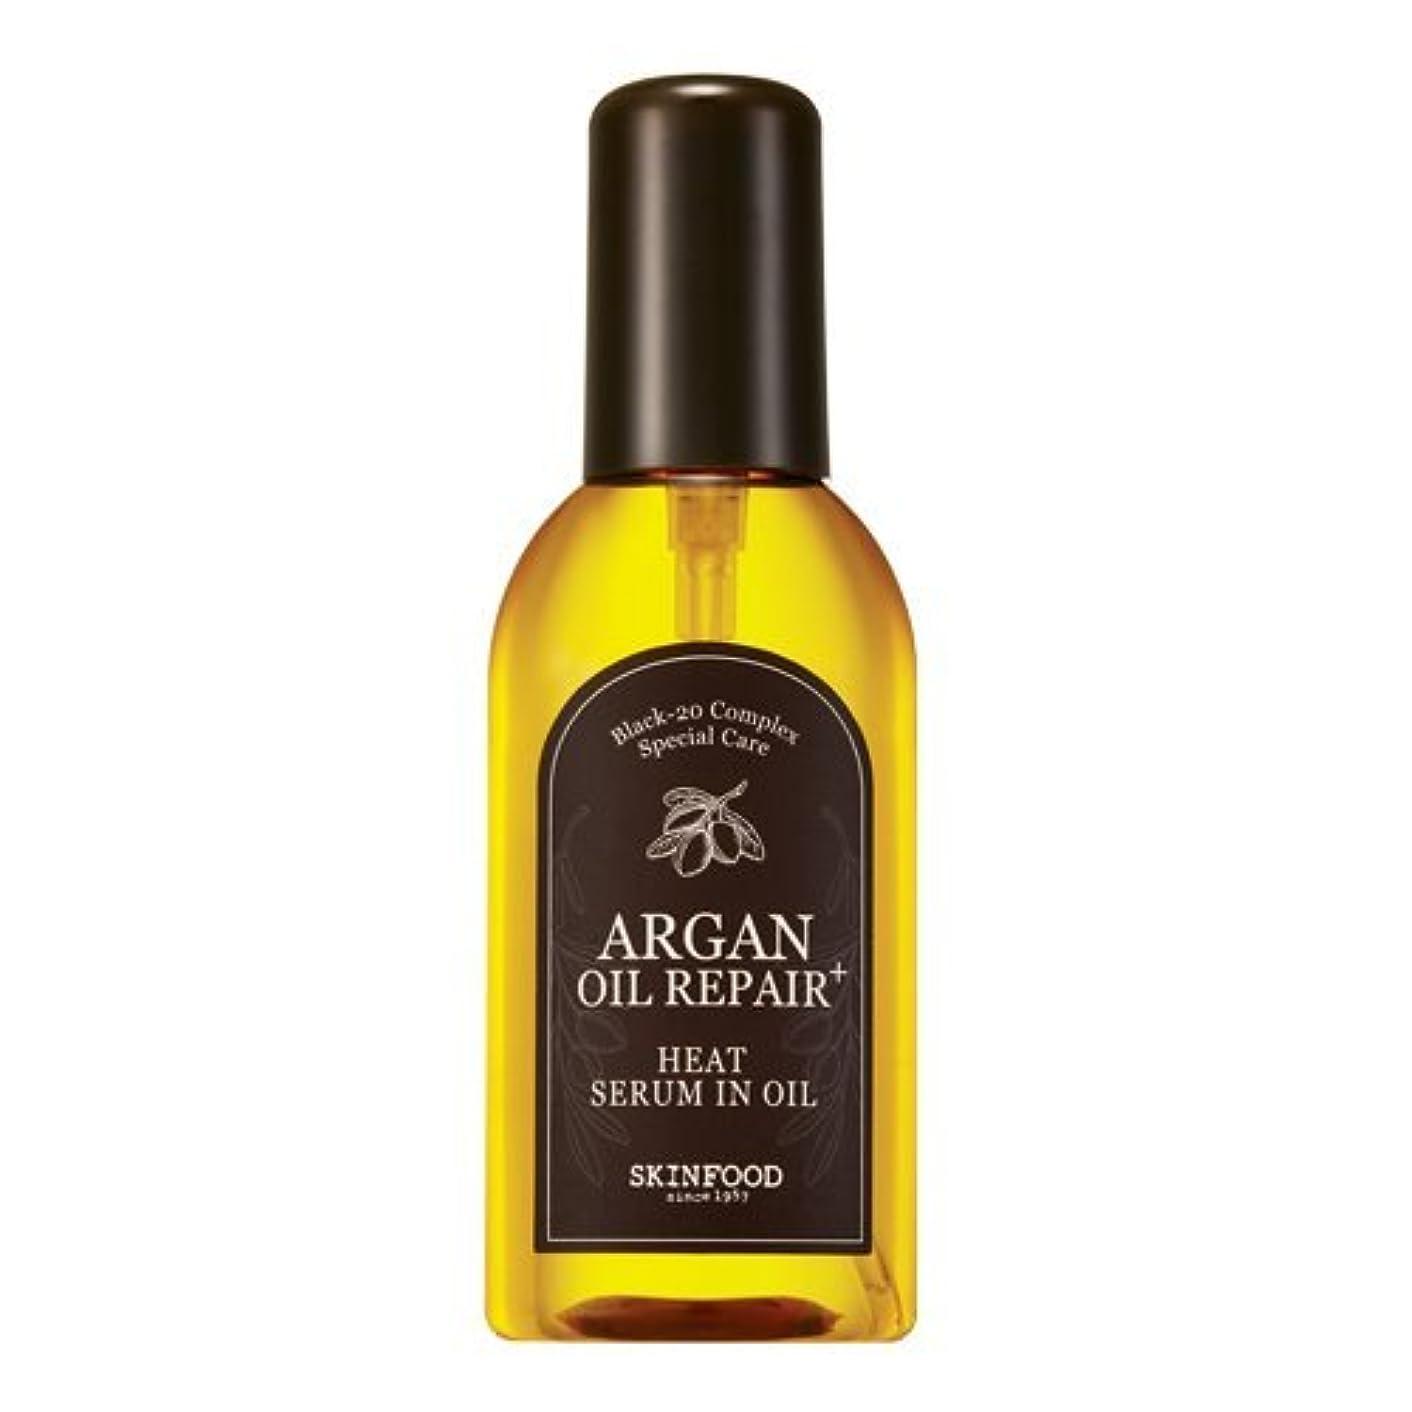 カリング商標韻[1+1]SKINFOOD Argan Oil Repair Plus Heat Serum in Oil 100ml*2/スキンフード アルガンオイル リペア プラス ヒート セラム イン オイル 100ml*2 [並行輸入品]